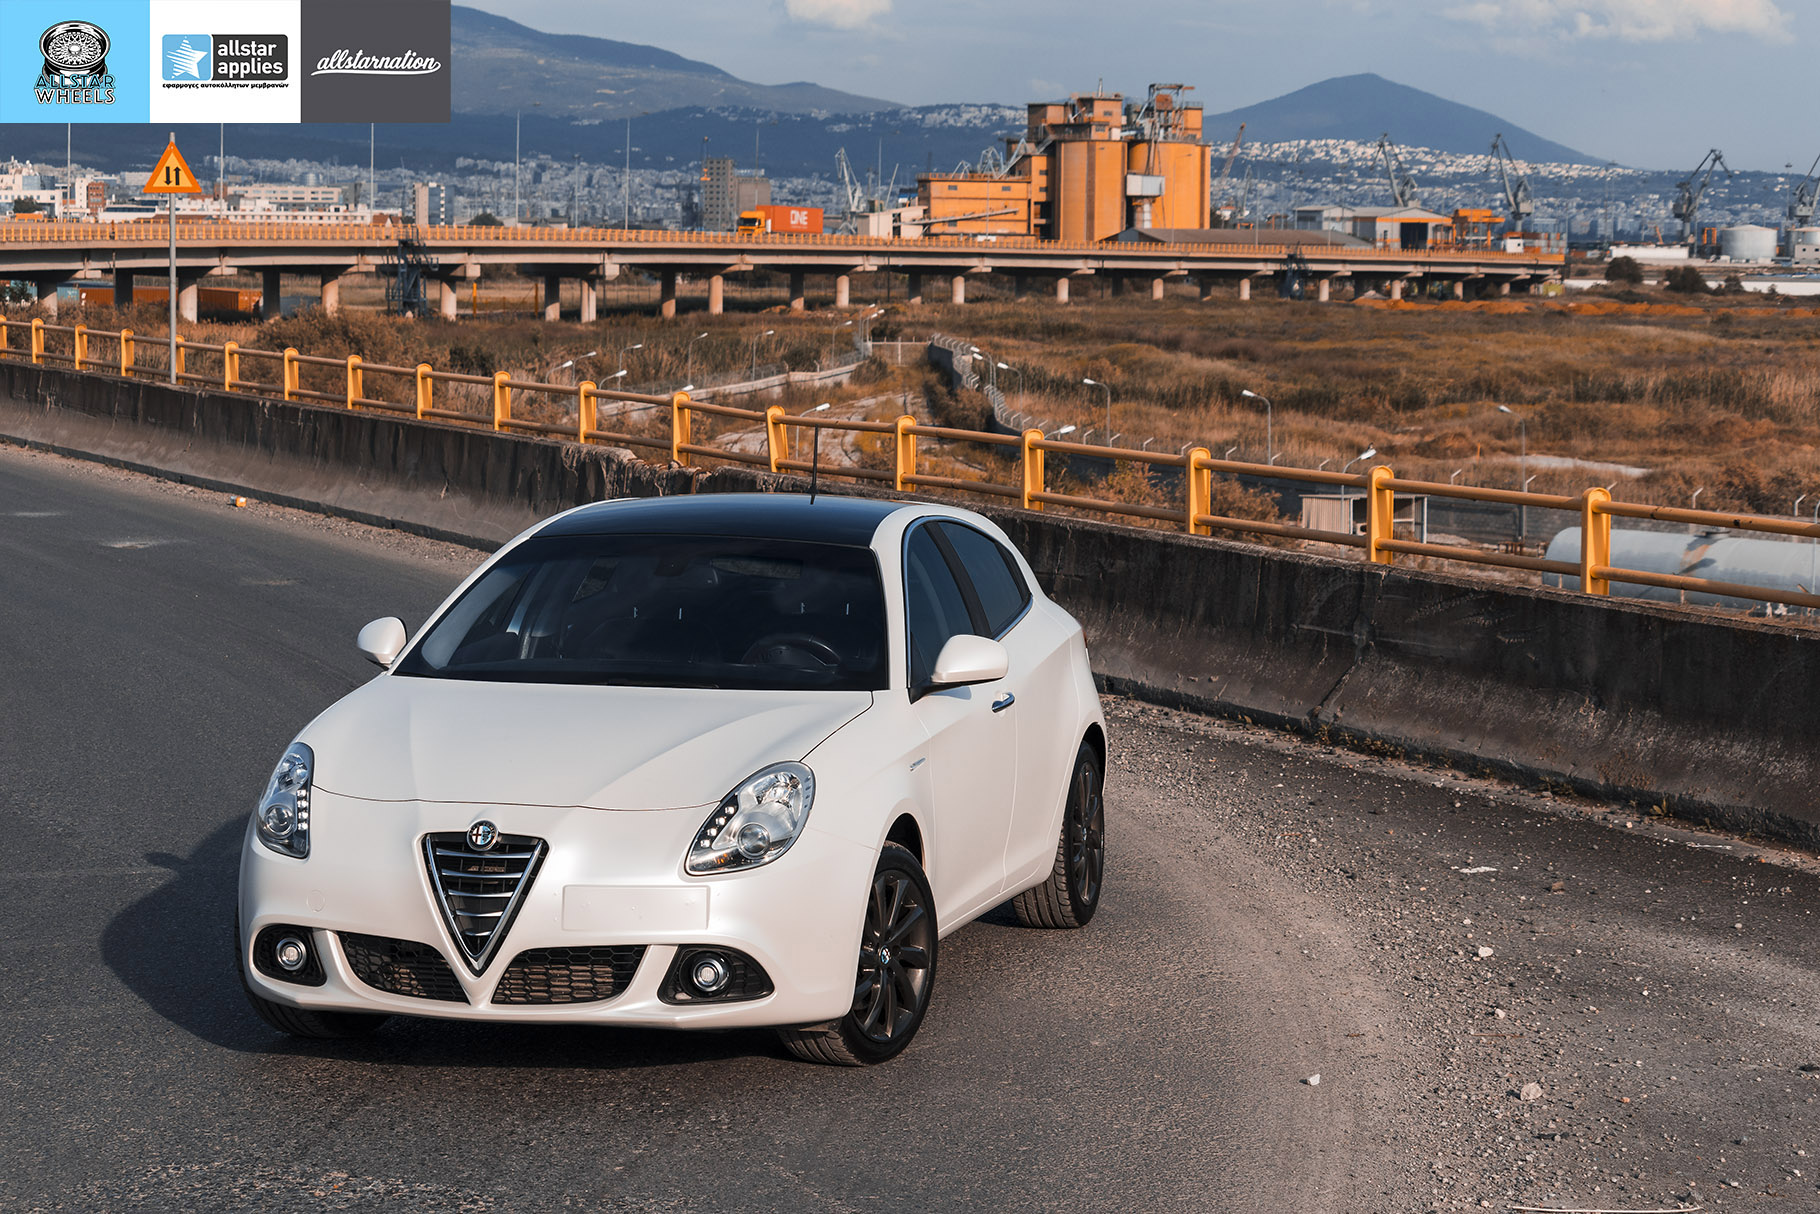 Φιμε ηλιοροφής Αυτοκινήτου Alfa Romeo Giulietta Matt Diamond White | Allstar Applies στη Θεσσαλονίκη